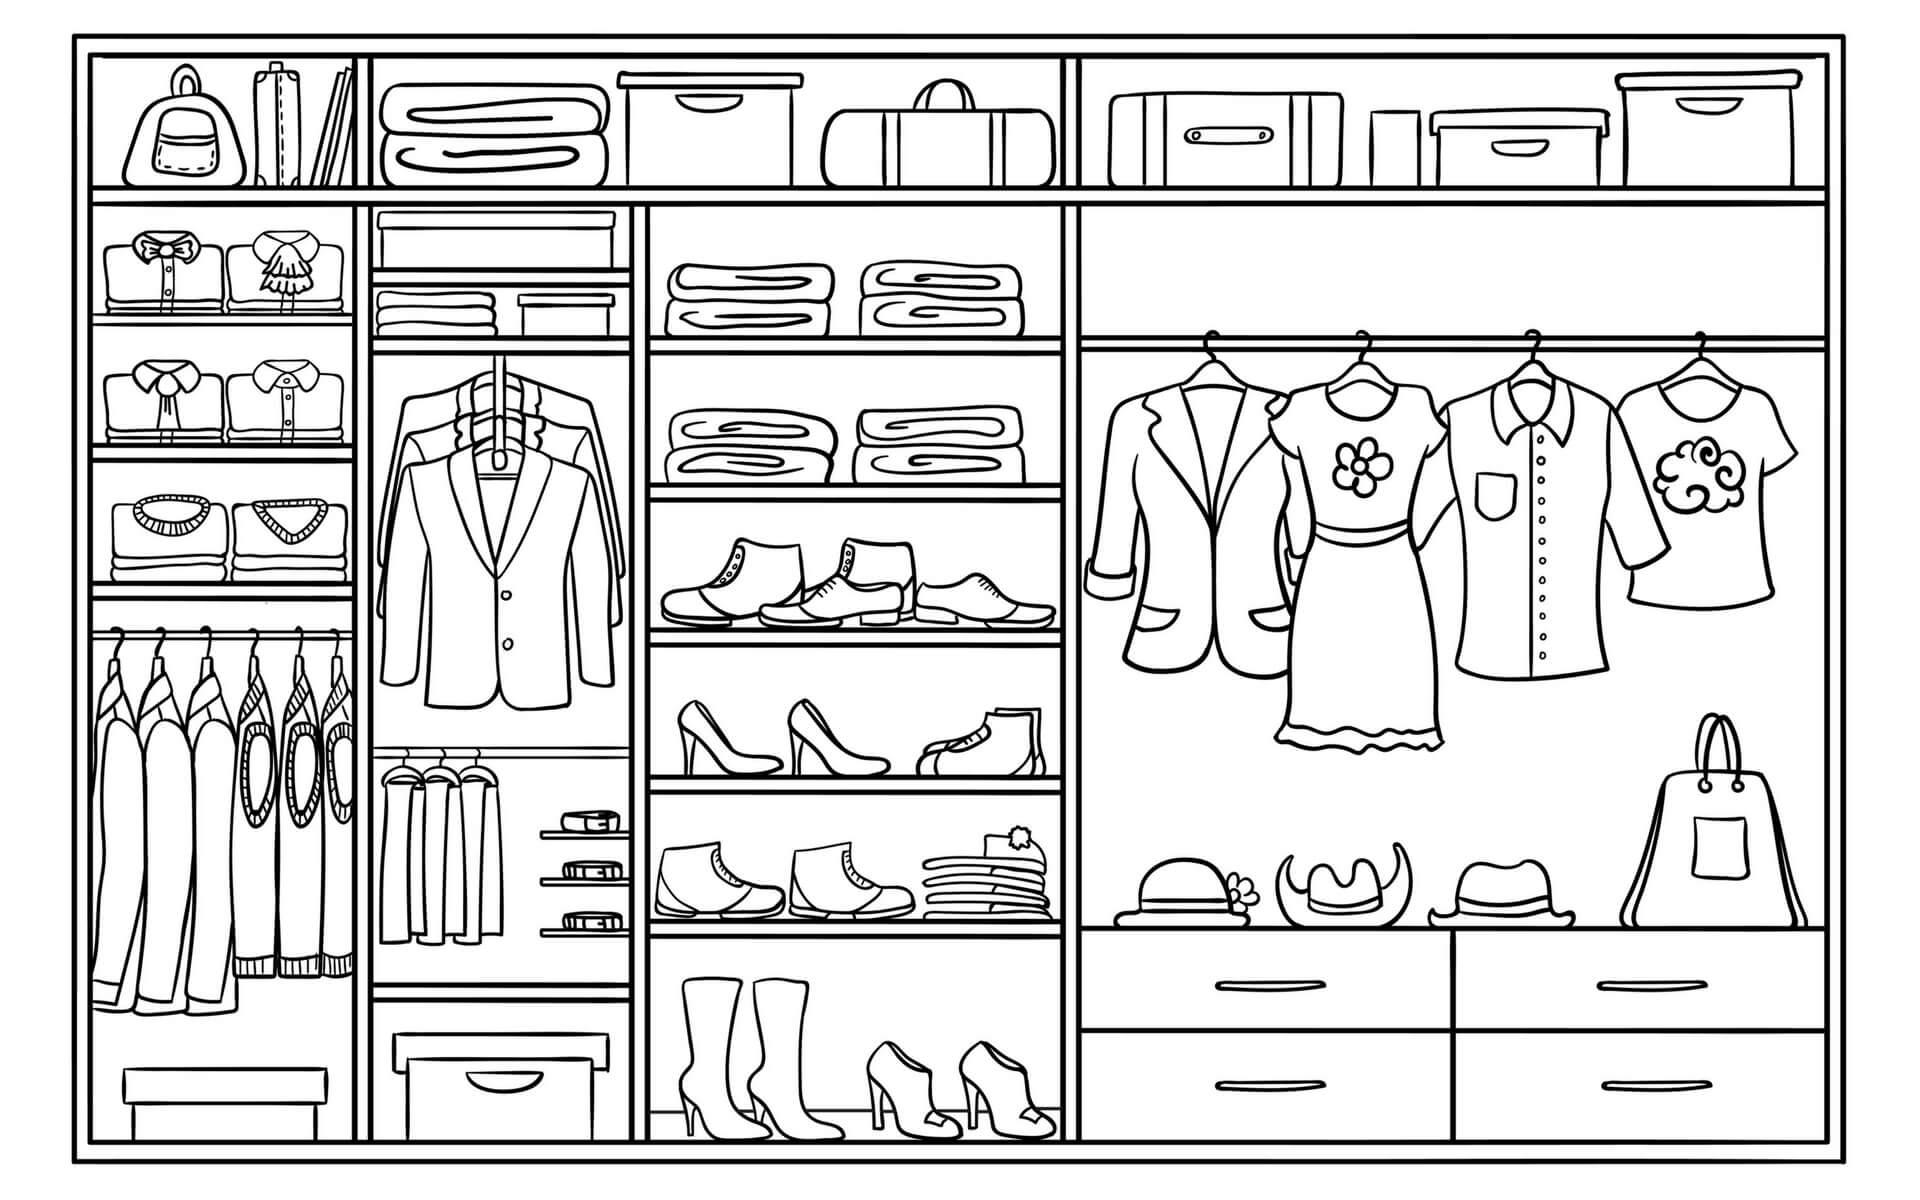 Come ricavare e organizzare una cabina armadio in casa | Blog Oknoplast